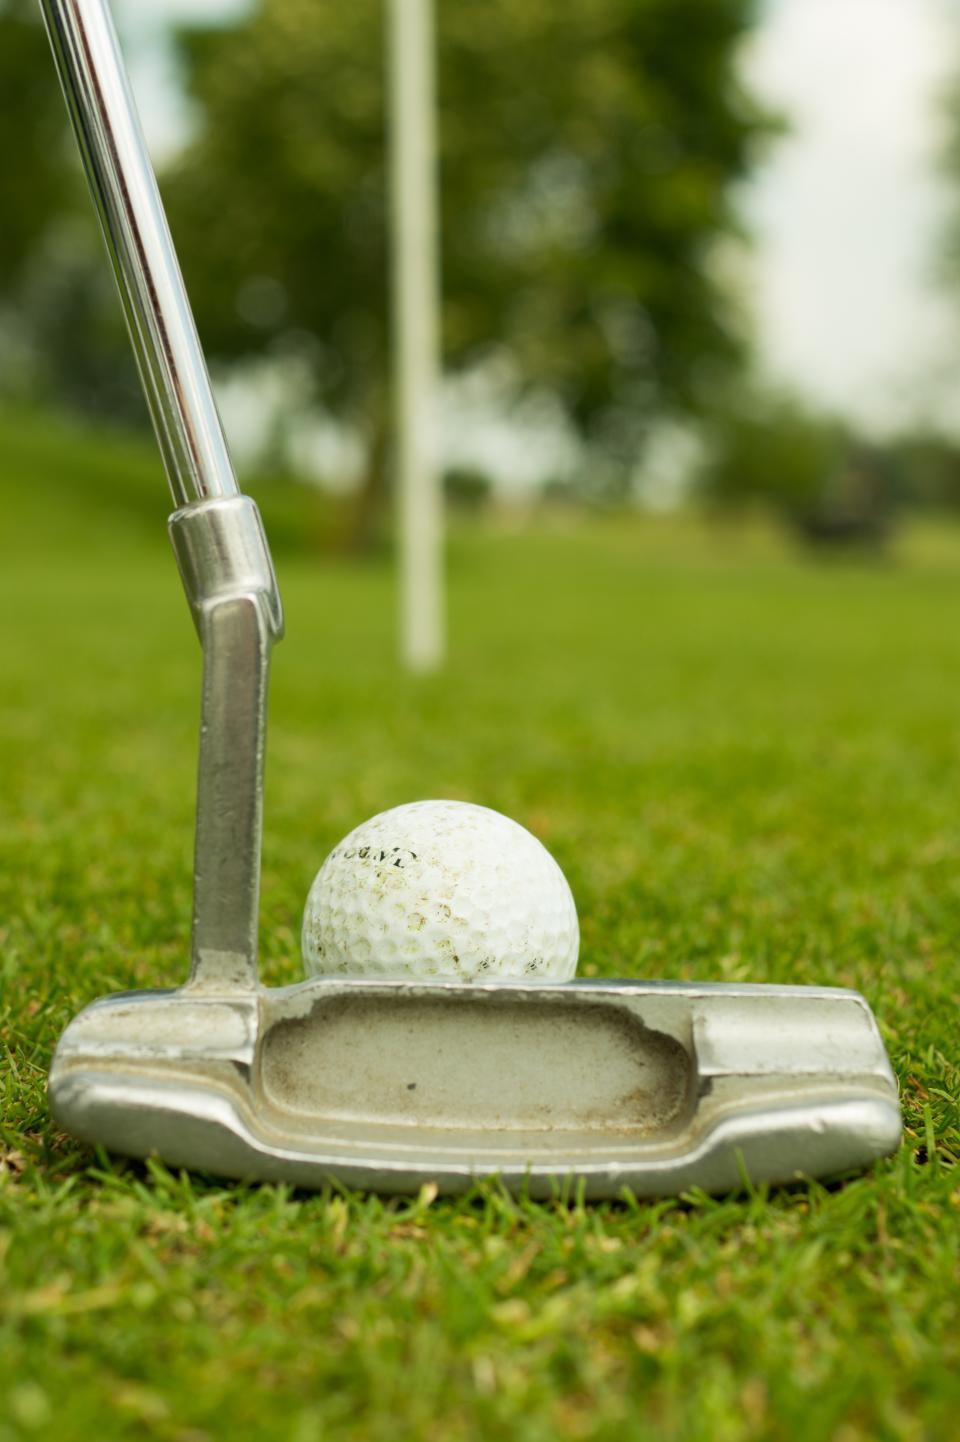 golf, ball, putter, green, sports